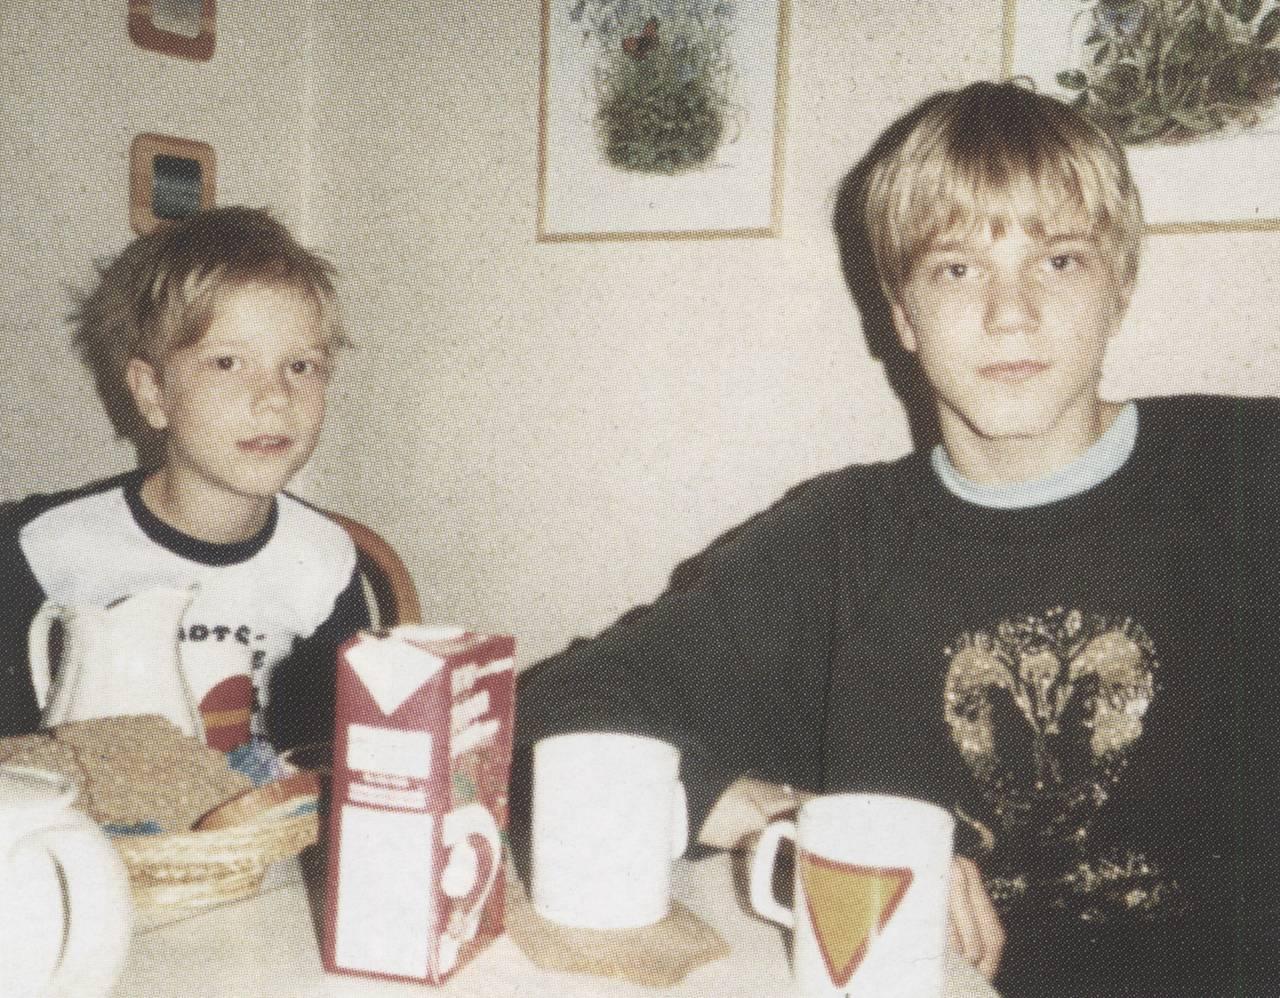 Pelle og Anders Ohlin som barn. Pelle ser rett i kameraet med en alvorlig mine.